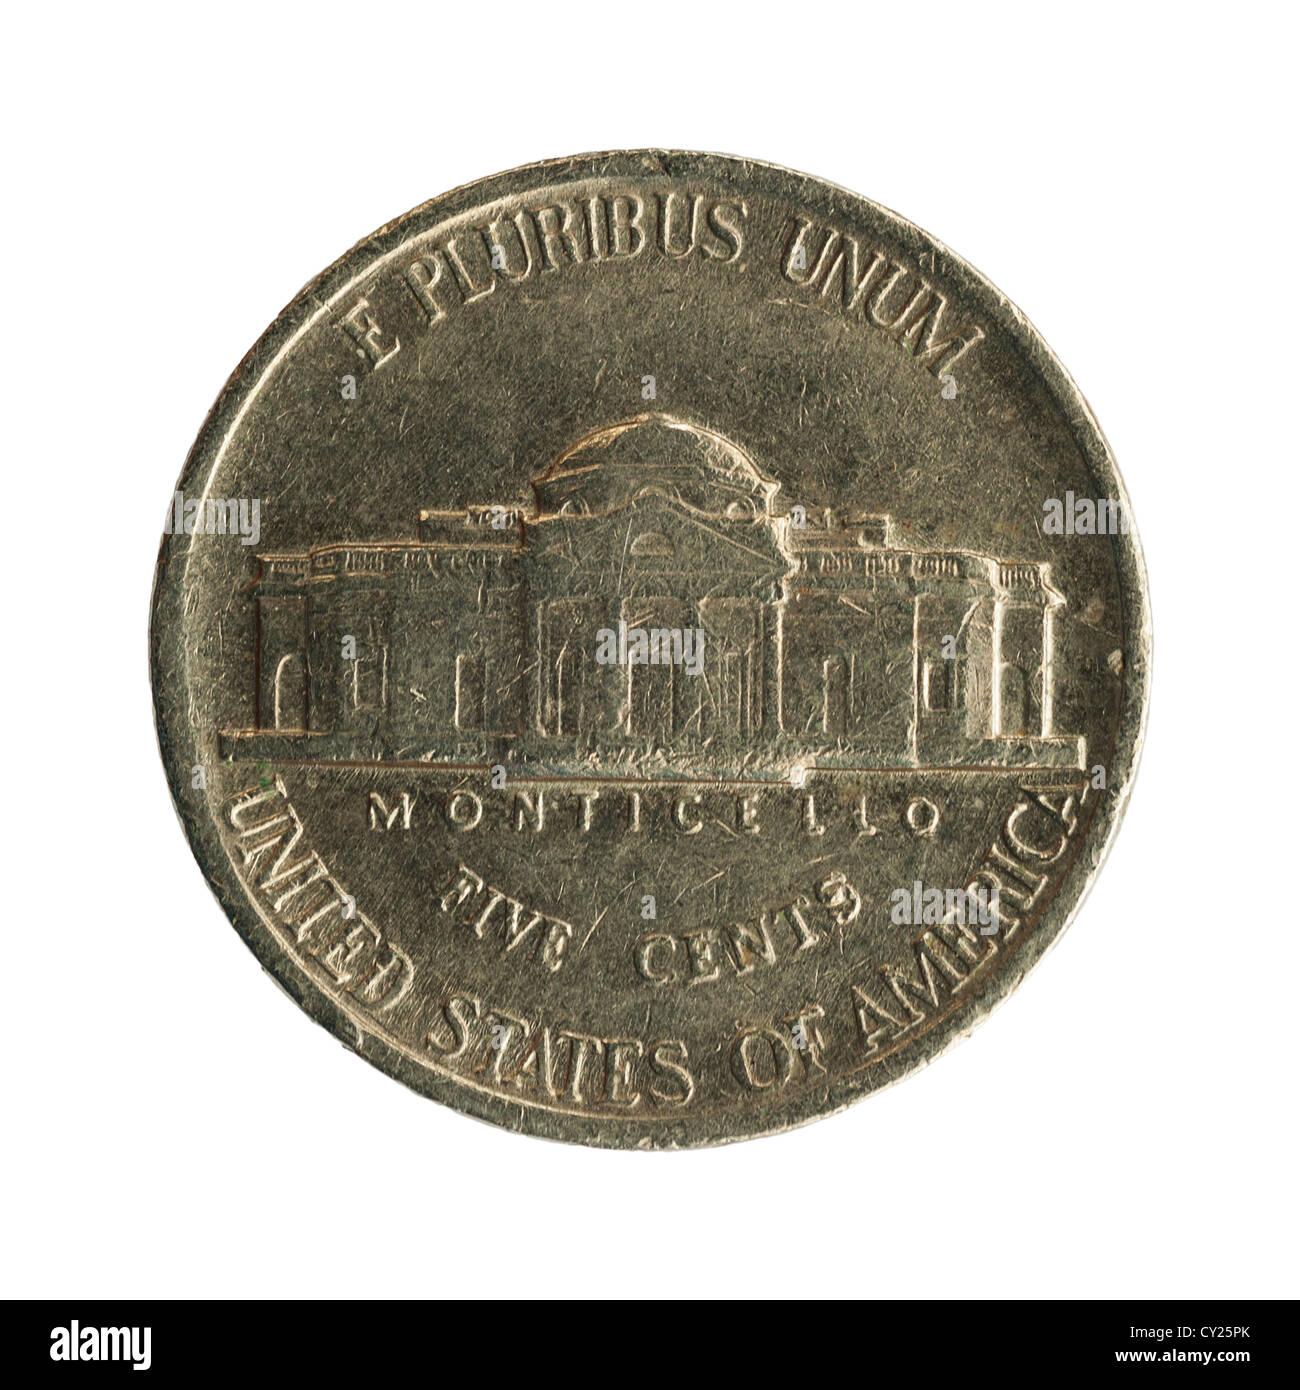 Ein Fünf Cent Münze Amerikanische Währung Auf Weißem Hintergrund